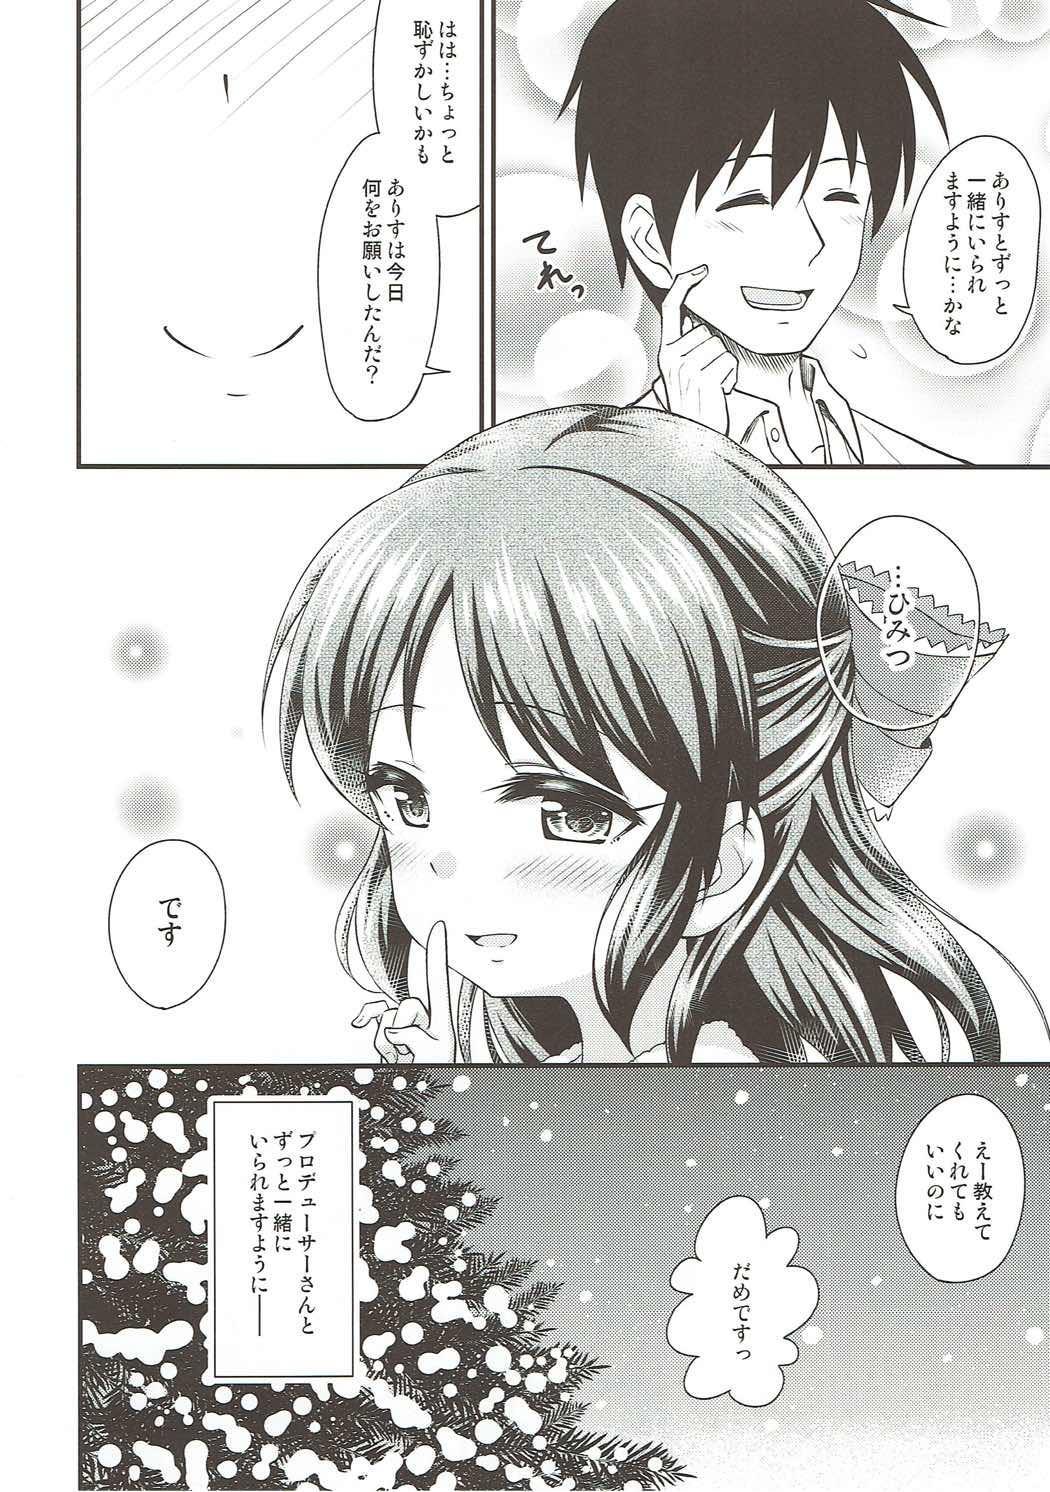 Arisu no Seiya no Negaigoto 14